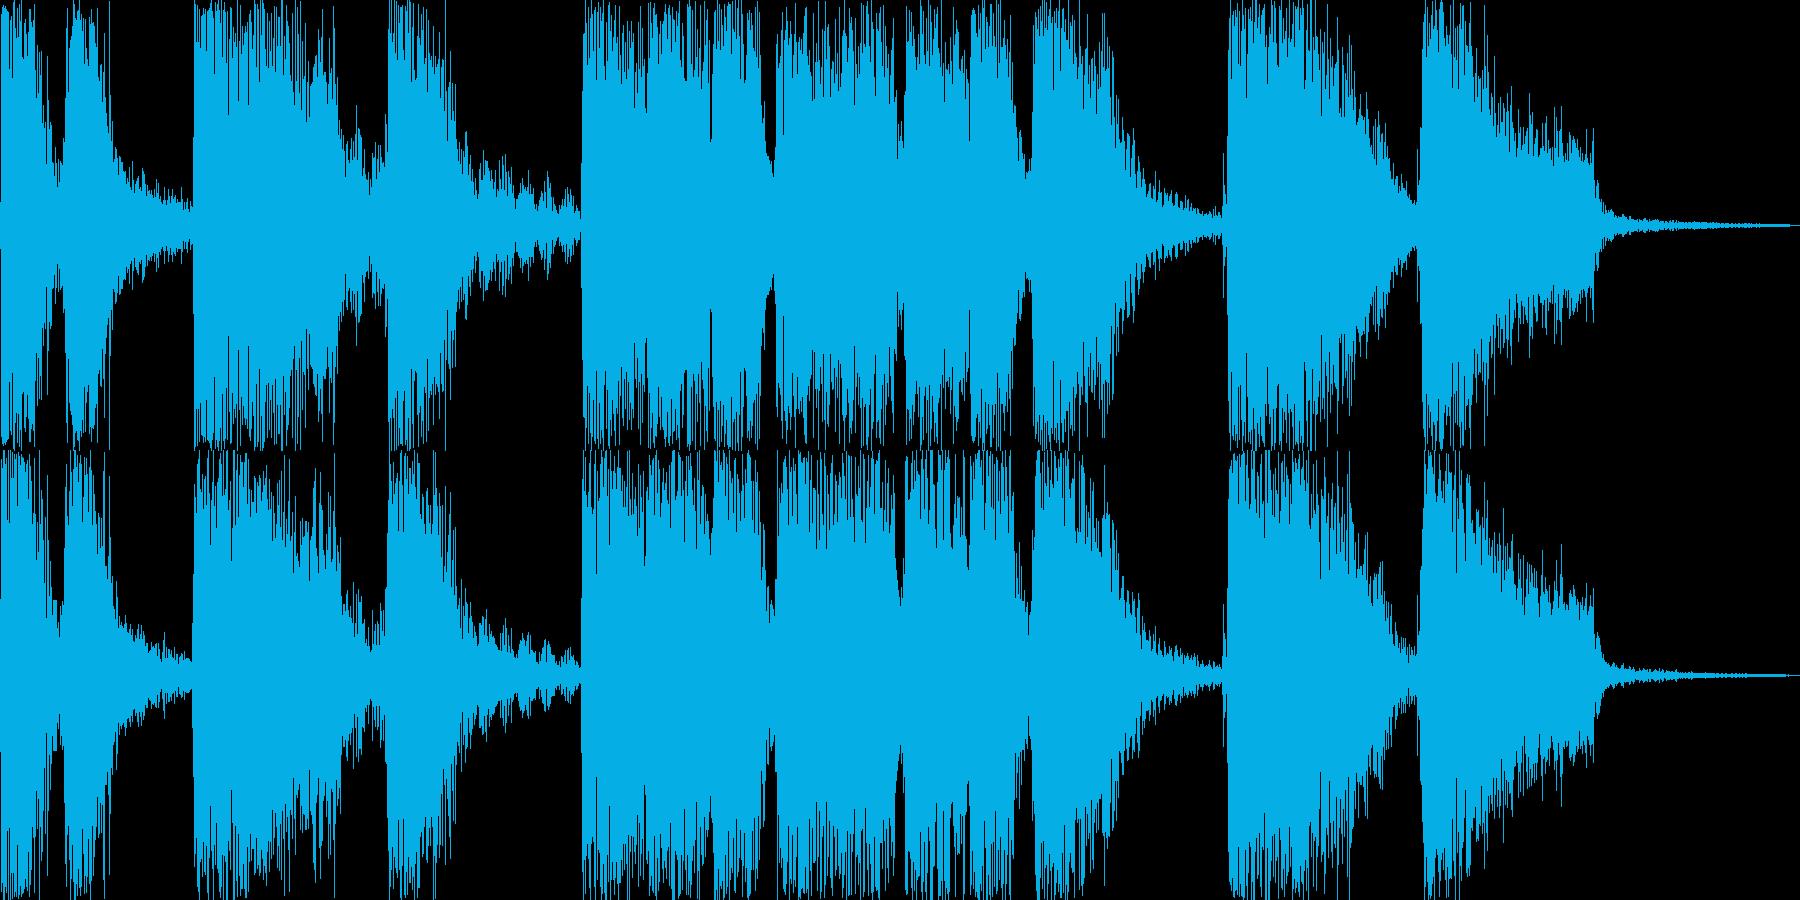 パワフルな場面転換ジングルの再生済みの波形